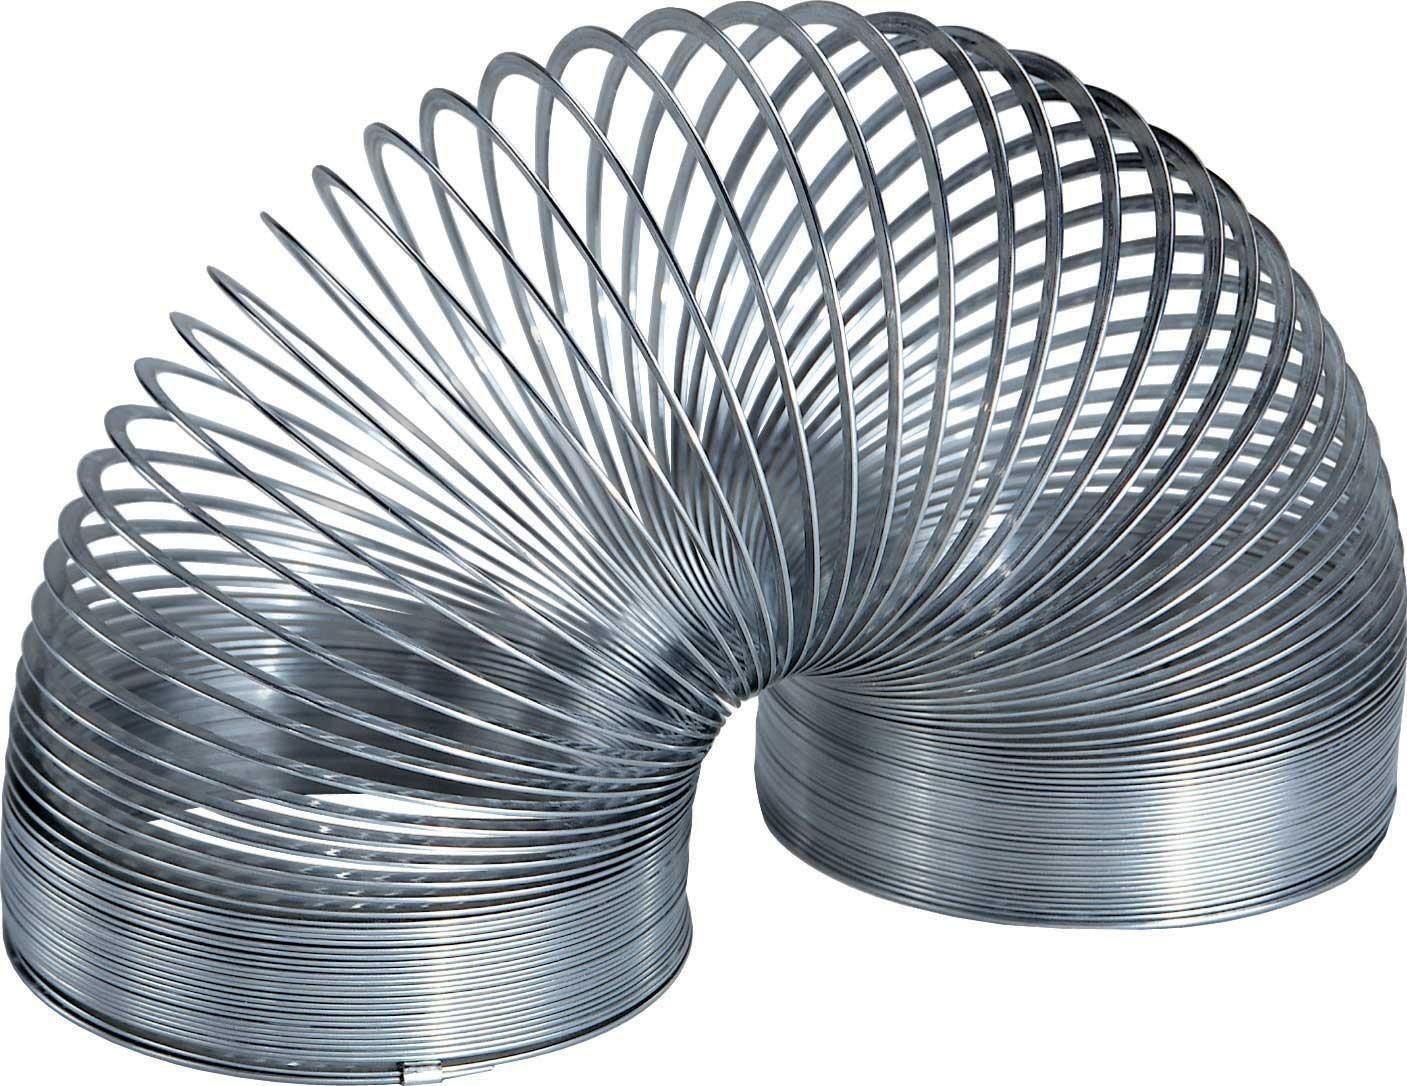 The Original Slinky Brand Metal Slinky 47 Pack (47 Pack) by Slinky (Image #3)